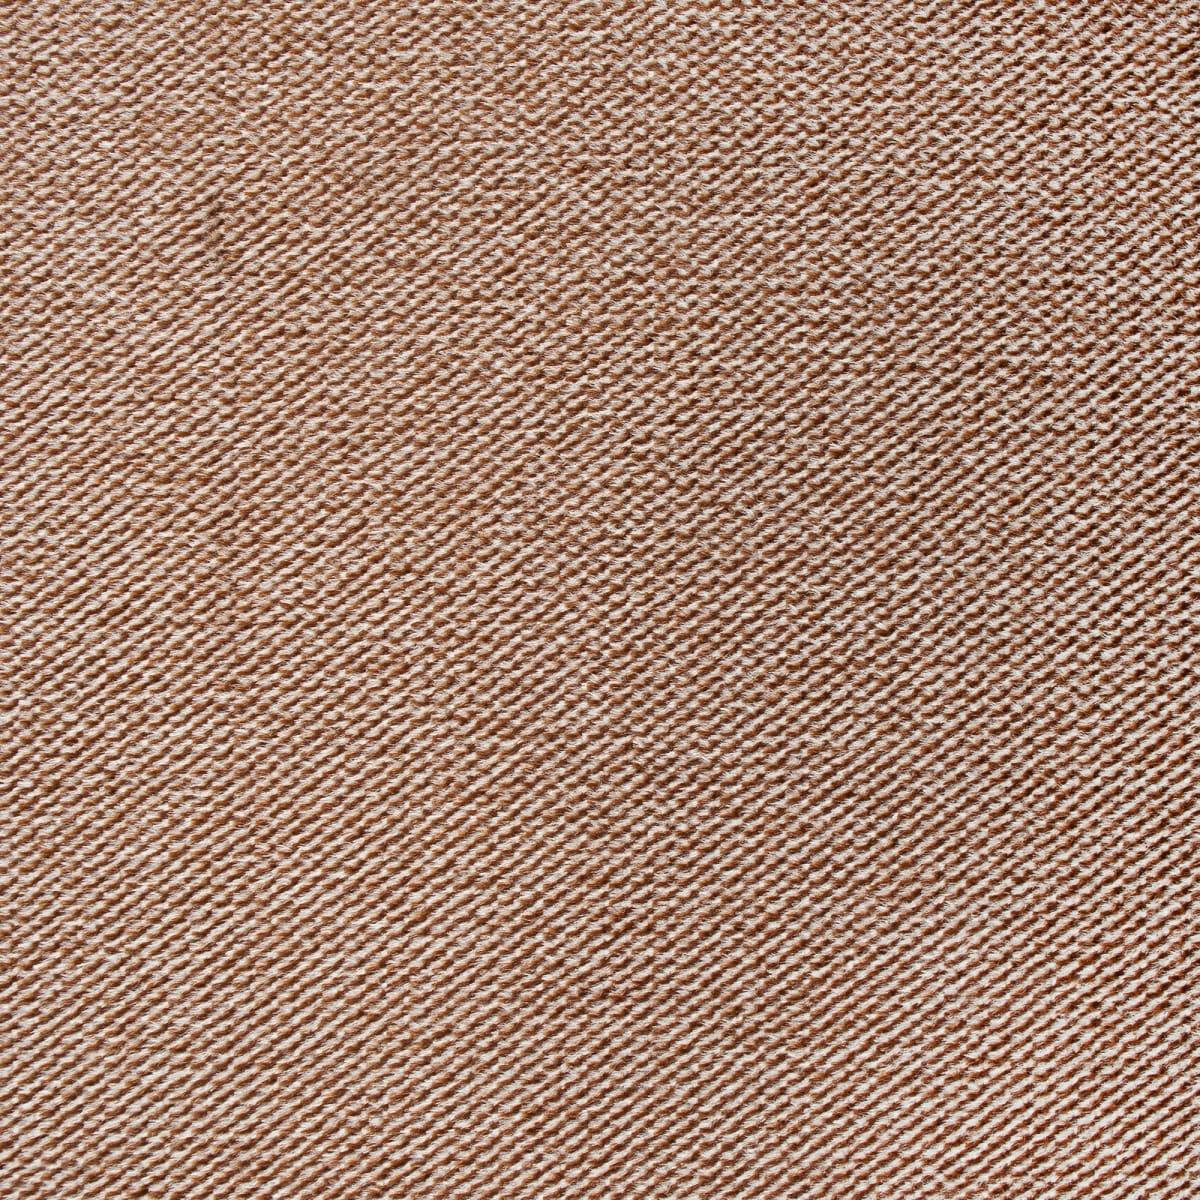 Мебельная ткань в ижевске купить ижевск купить ткань для постельного белья в розницу украина